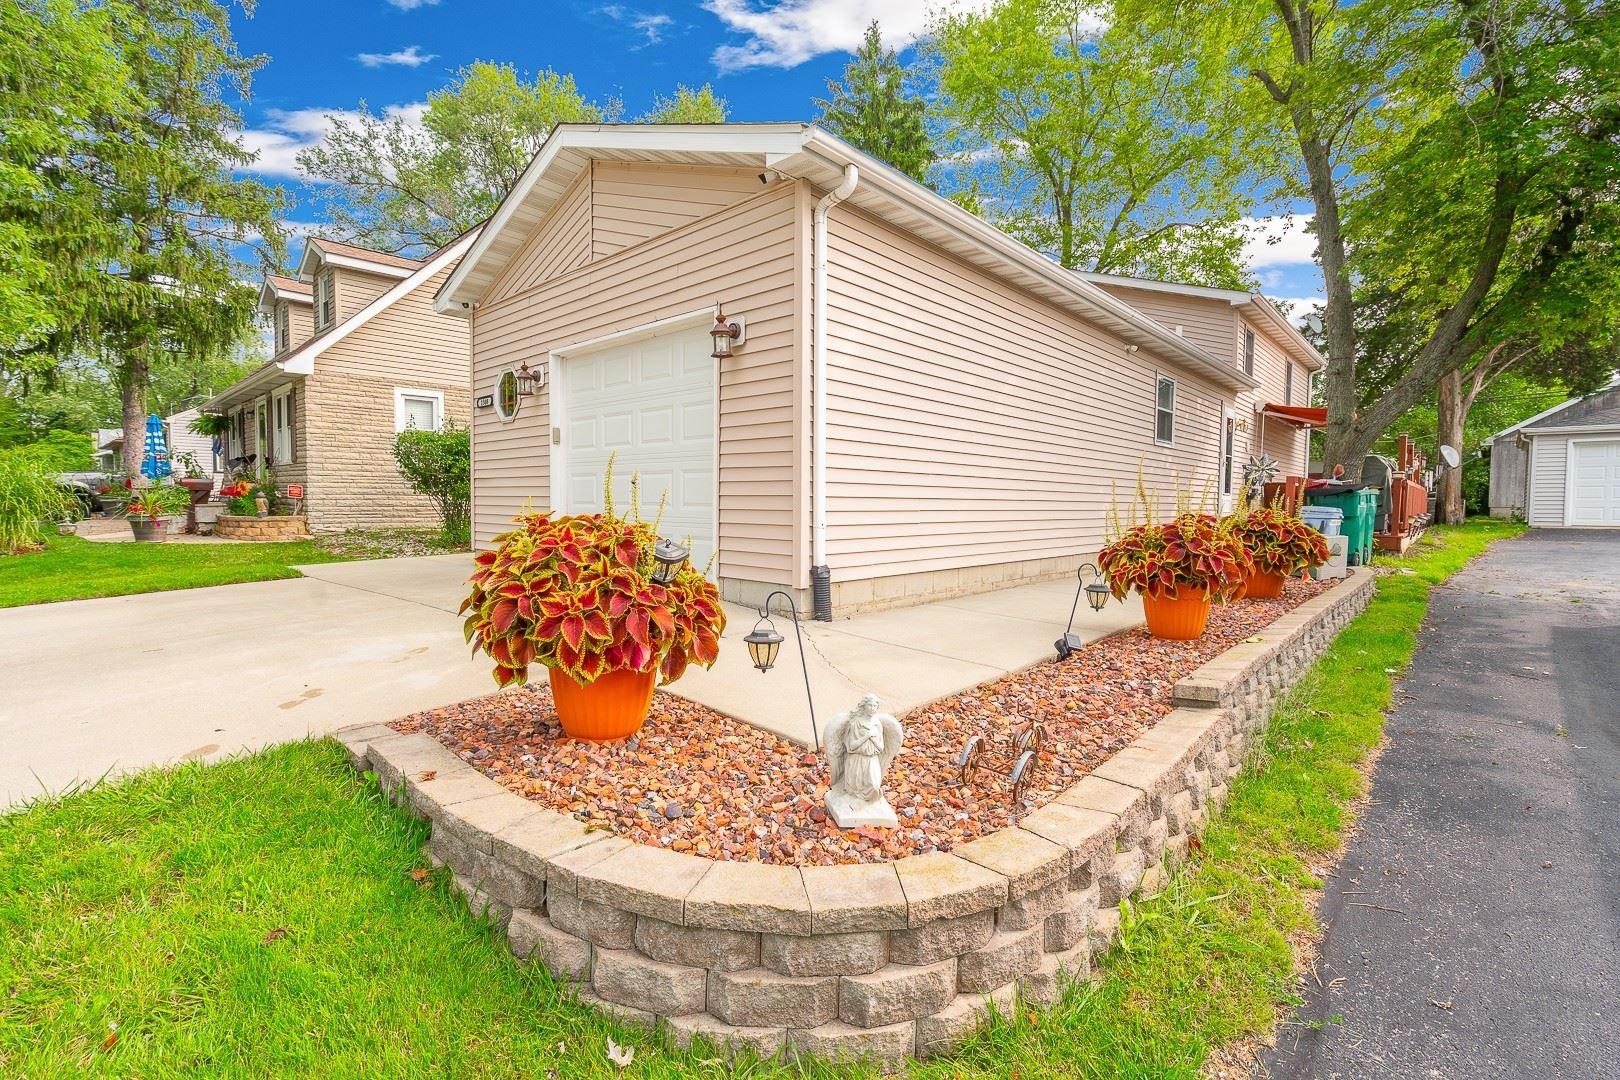 Photo of 1508 Burry Street, Joliet, IL 60435 (MLS # 10860577)